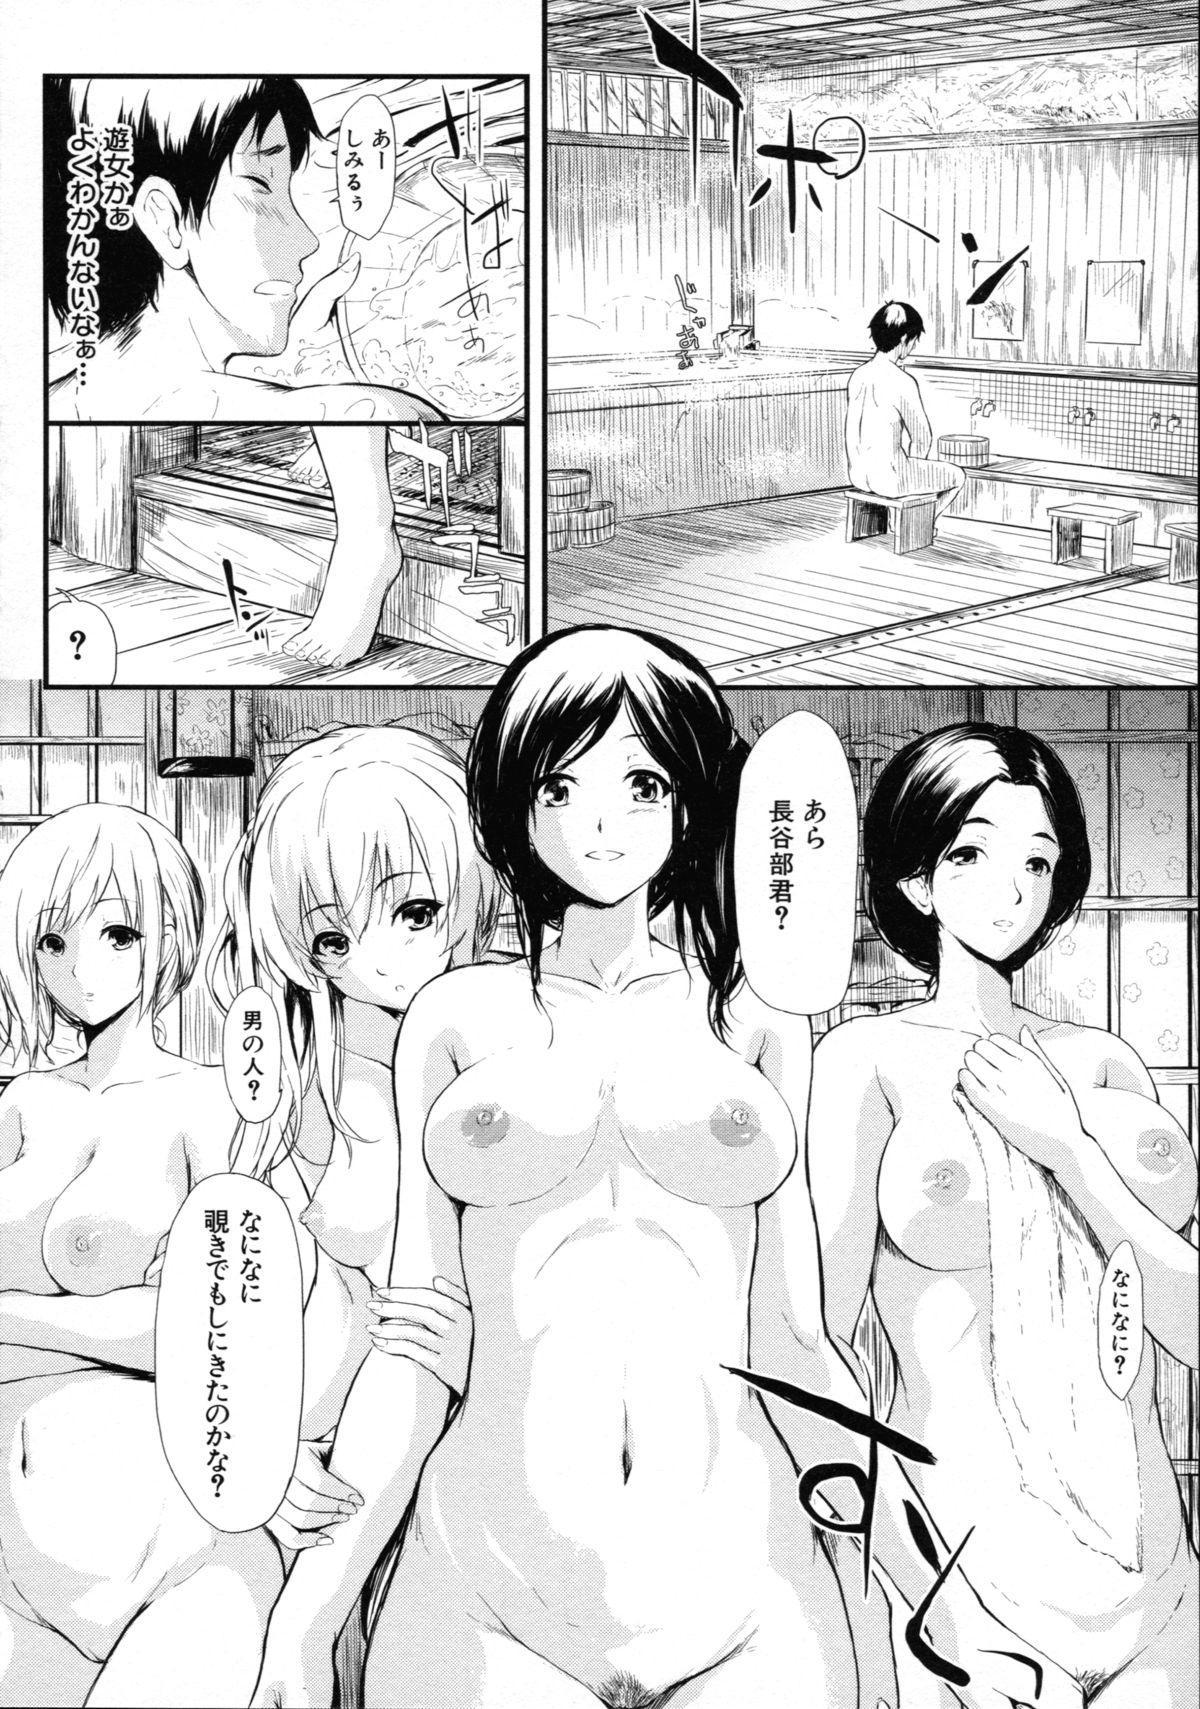 [Shiki Takuto] Tokoharu no Shoujo-tachi - The Girls in the Eternal Spring 26